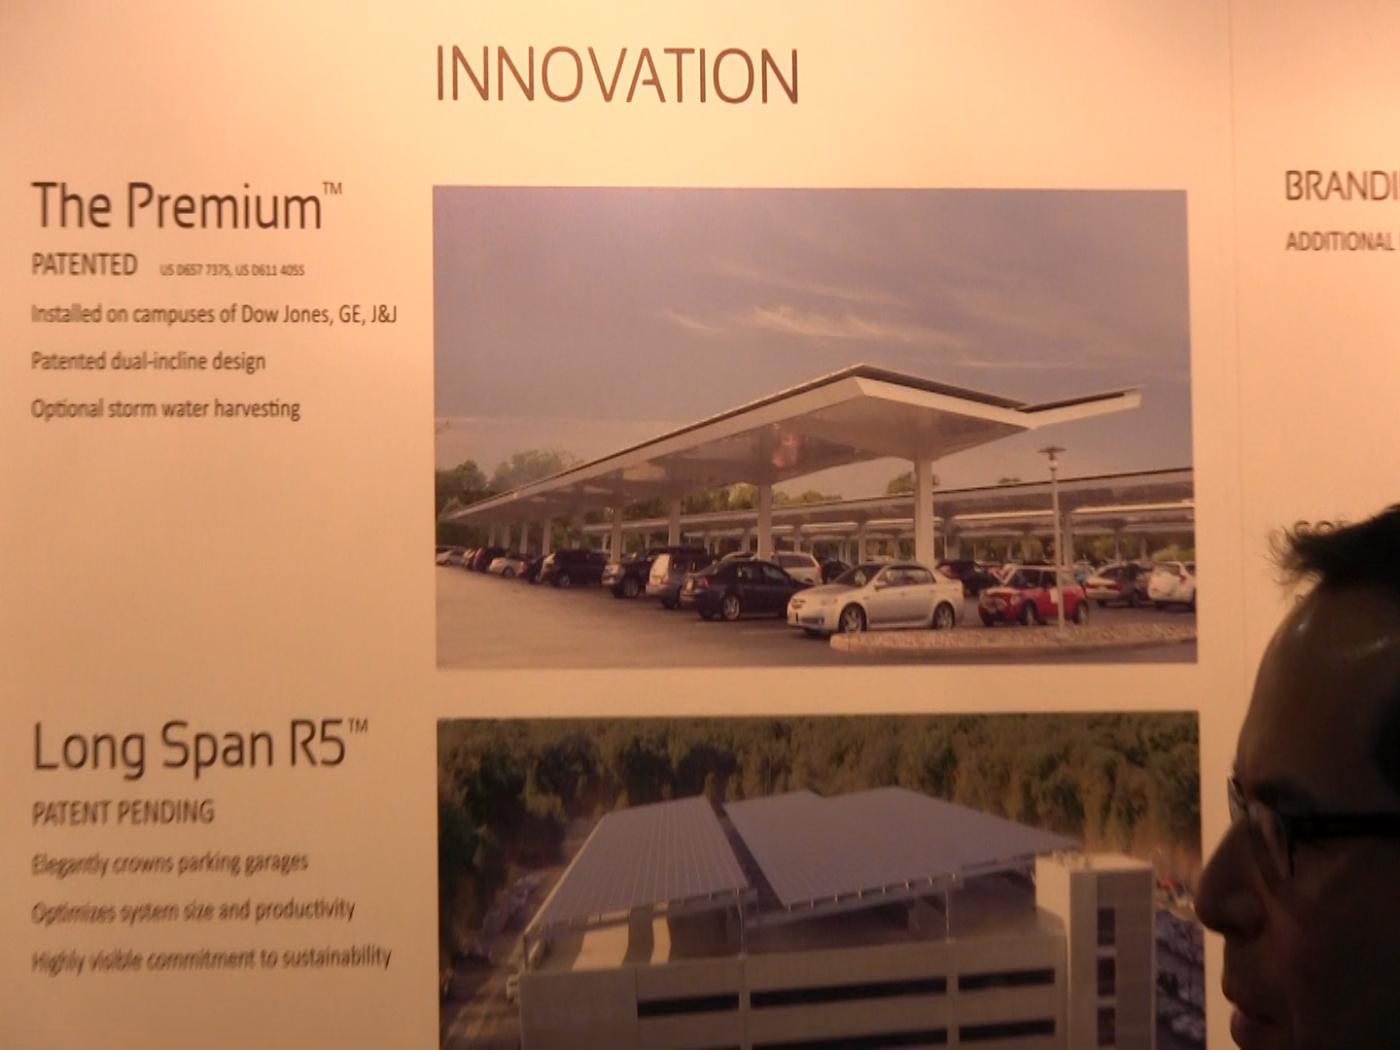 Solaire Generation solar carport (credit: sunisthefuture-Susan Sun Nunamaker)